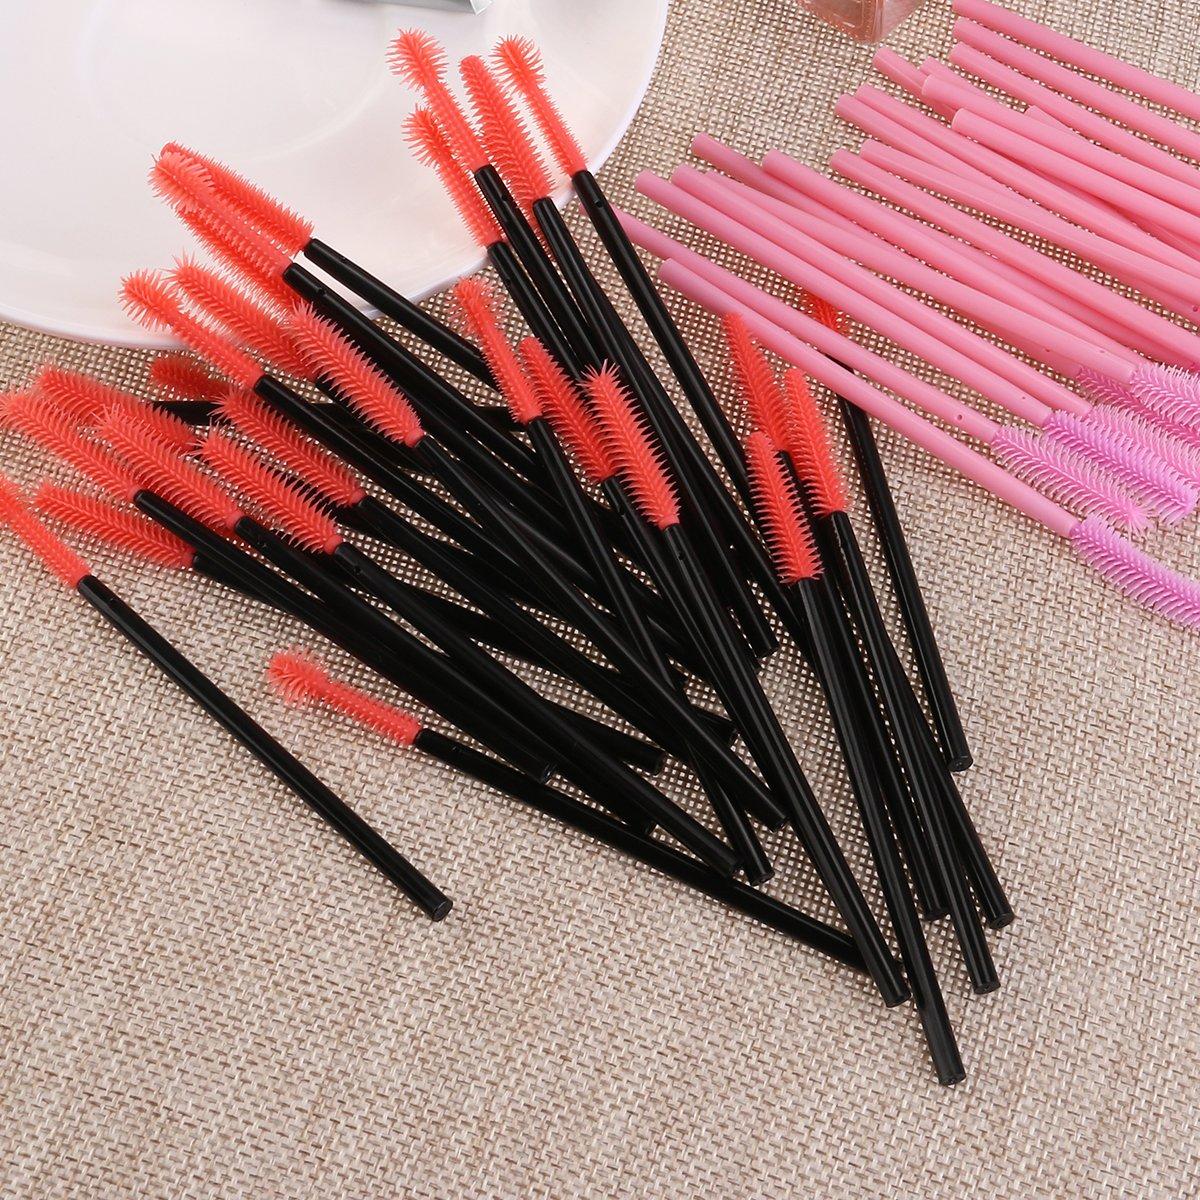 Mascara Brush, 50pcs Disposable Silicone Mascara Wands Brush Set